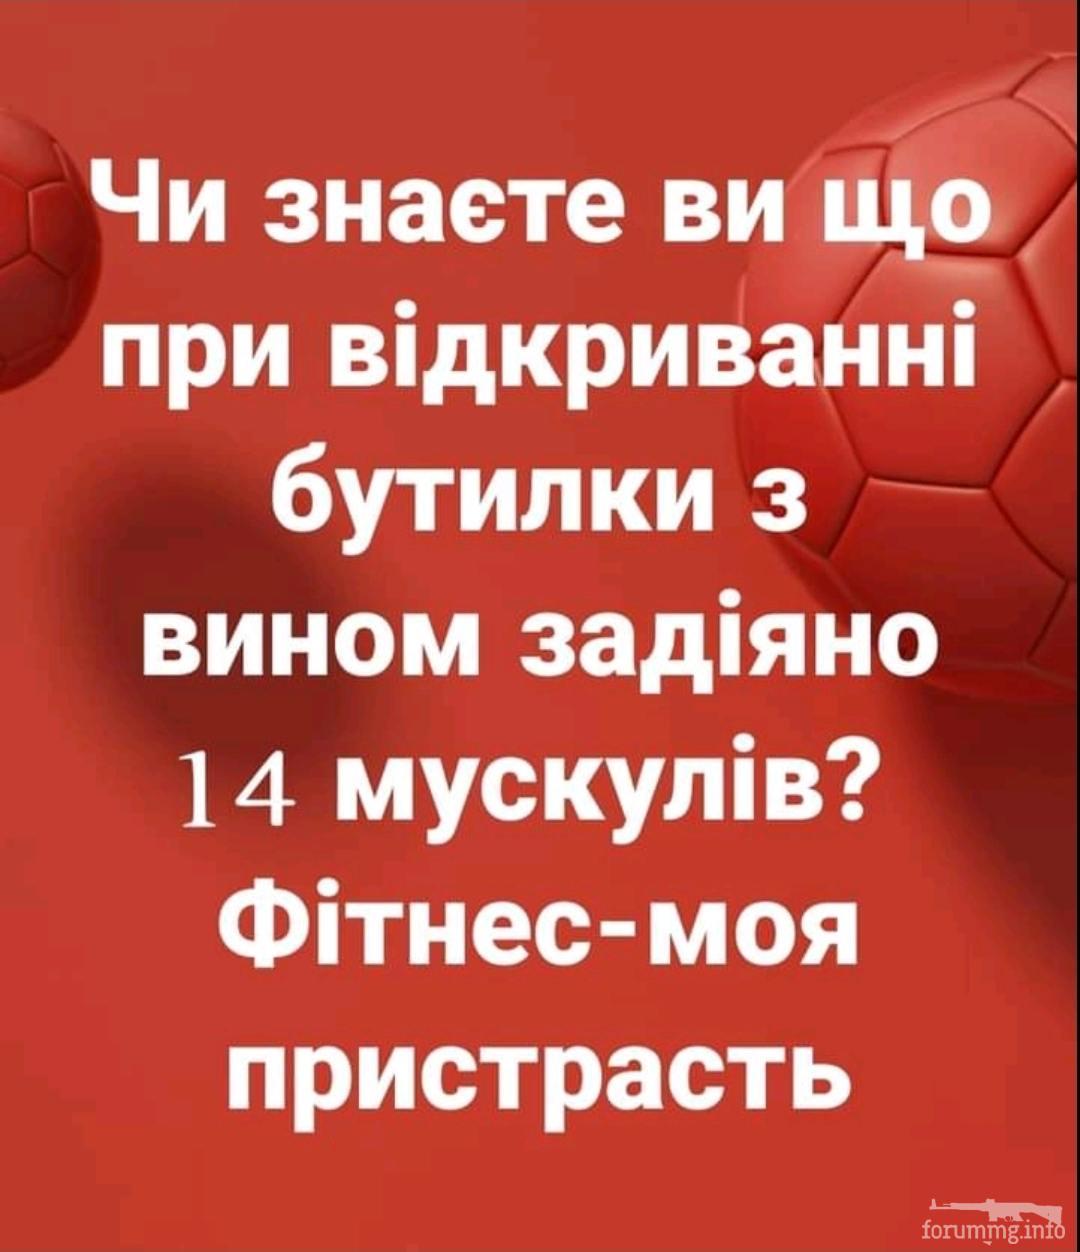 136953 - Пить или не пить? - пятничная алкогольная тема )))